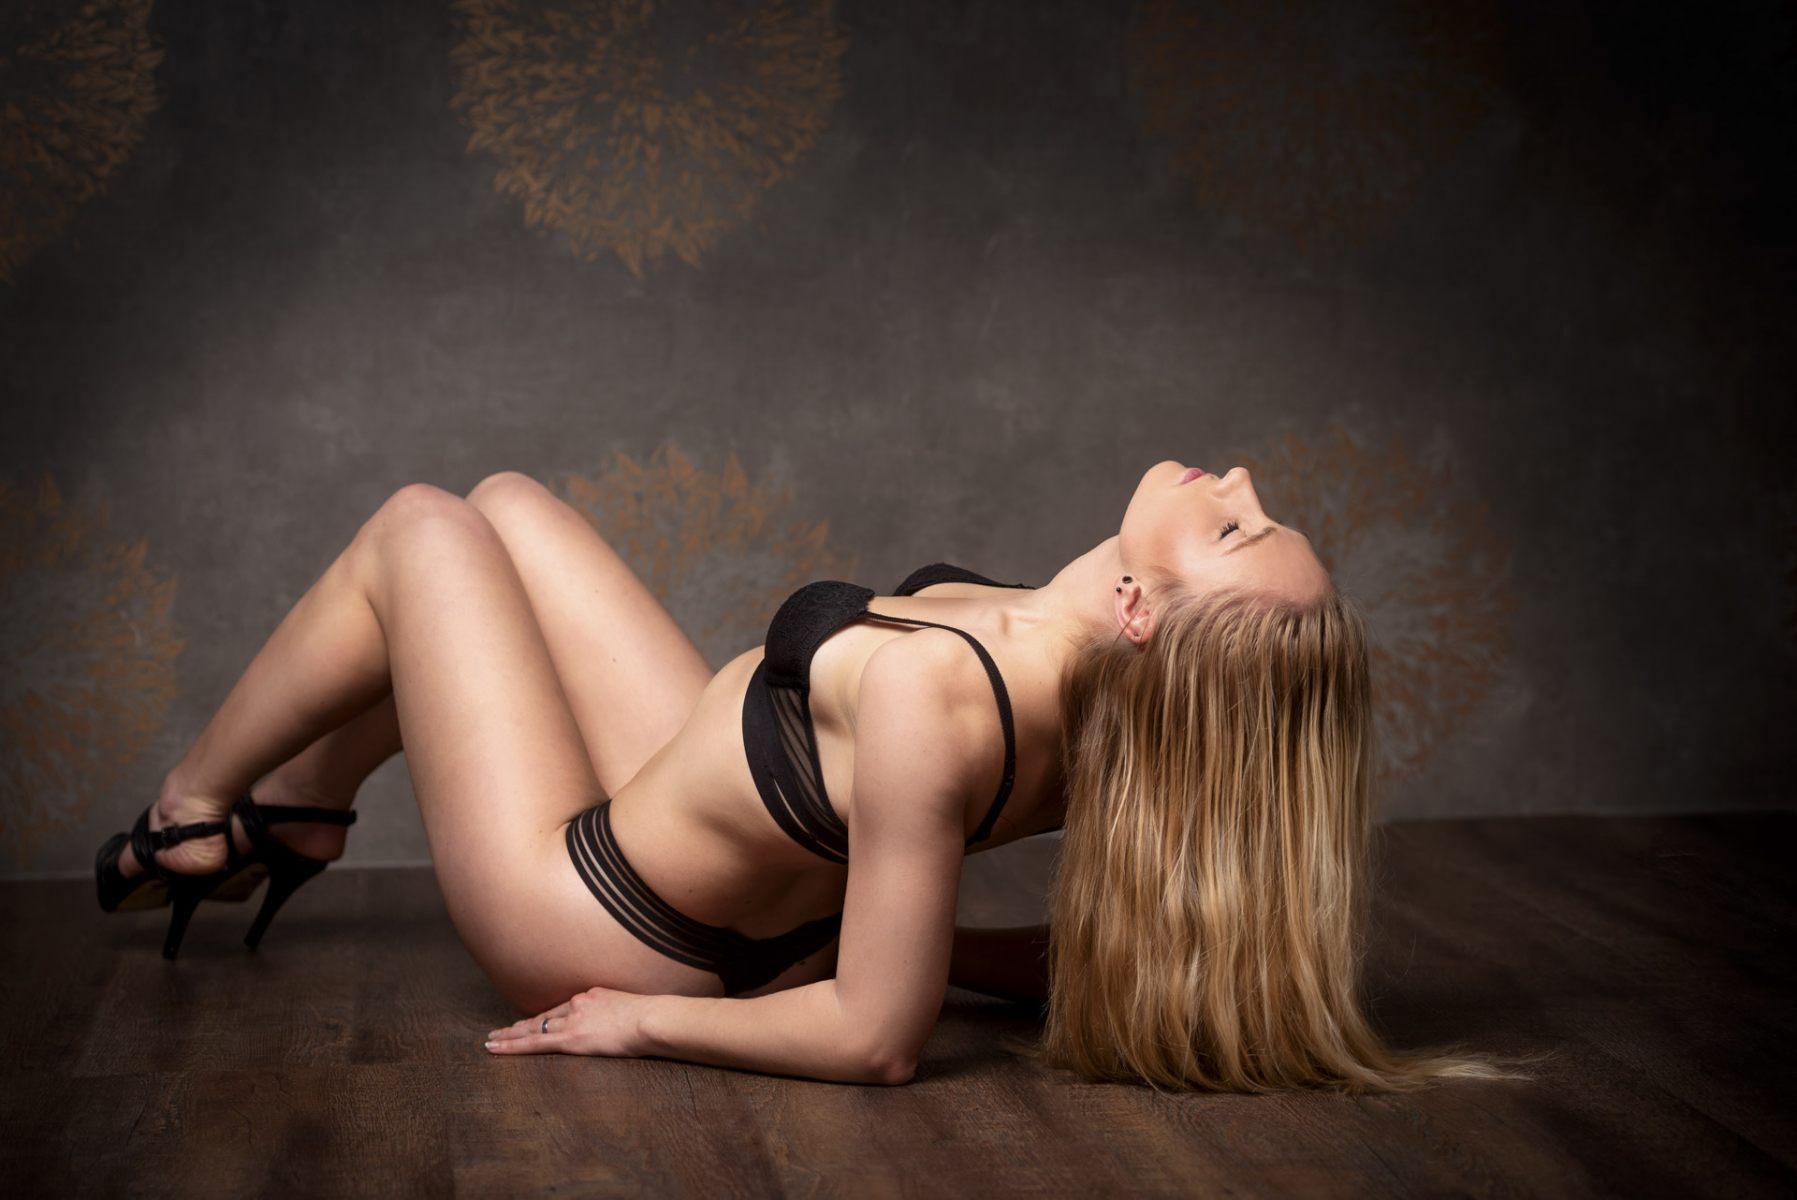 Fotograf-Erotik-Wäsche-Lingerie-Akt-Traunstein-Chiemgau013